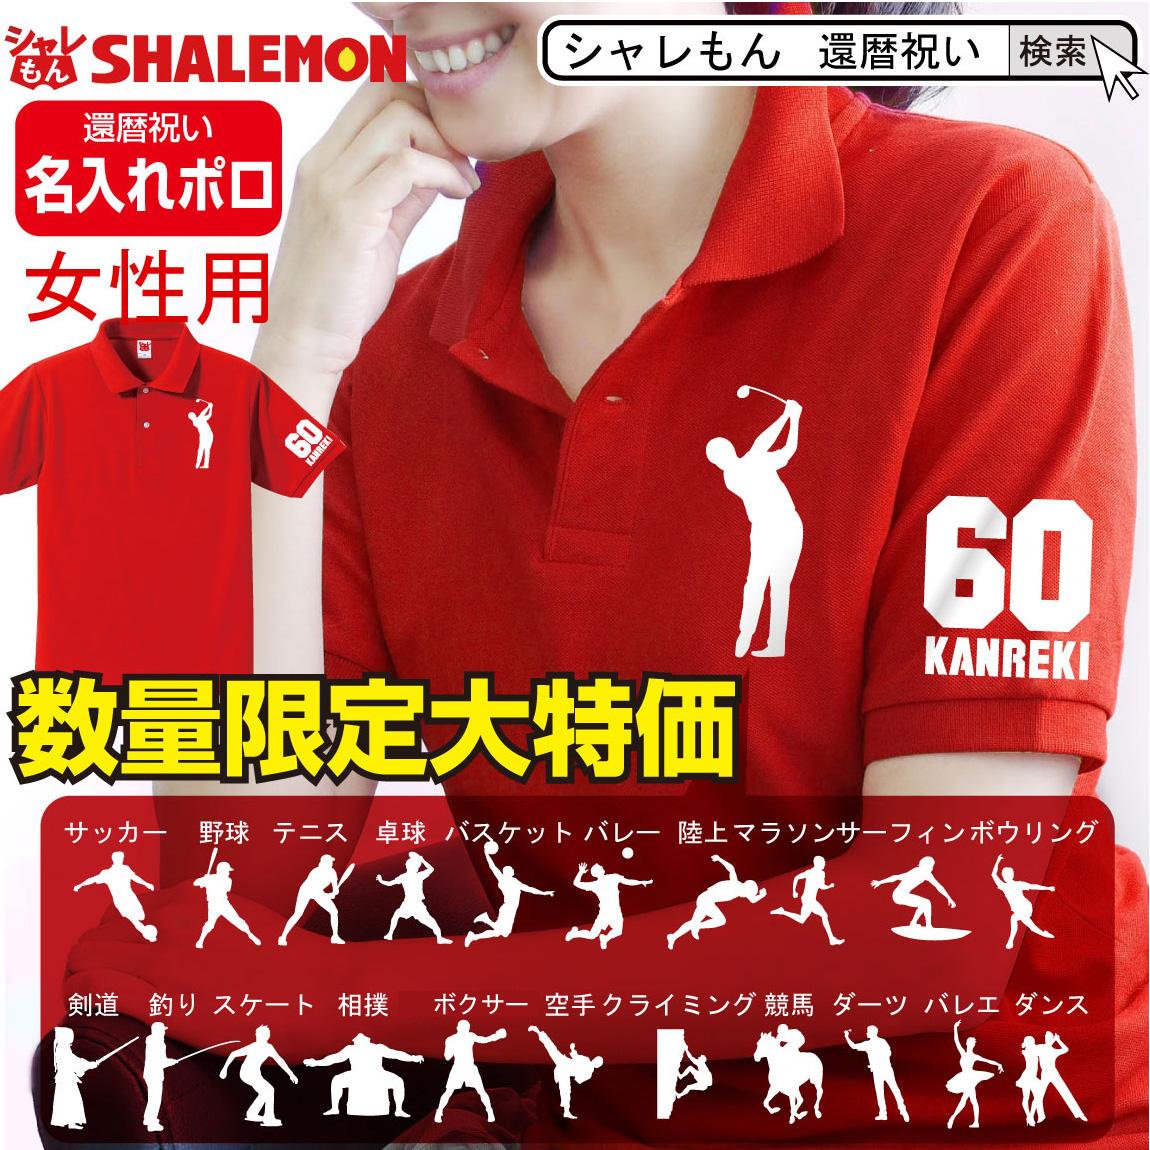 サッカー 野球 ゴルフ テニス ボウリング サーフィン 釣り 相撲 期間限定 セール 在庫限りの大特価 還暦祝い ポロシャツ 還暦 tシャツ サプライズ ちゃんちゃんこ 男性 パンツ しゃれもん 父 新着セール 選べるスポーツ の代わり 女性 セール特価品 母 赤い プレゼント